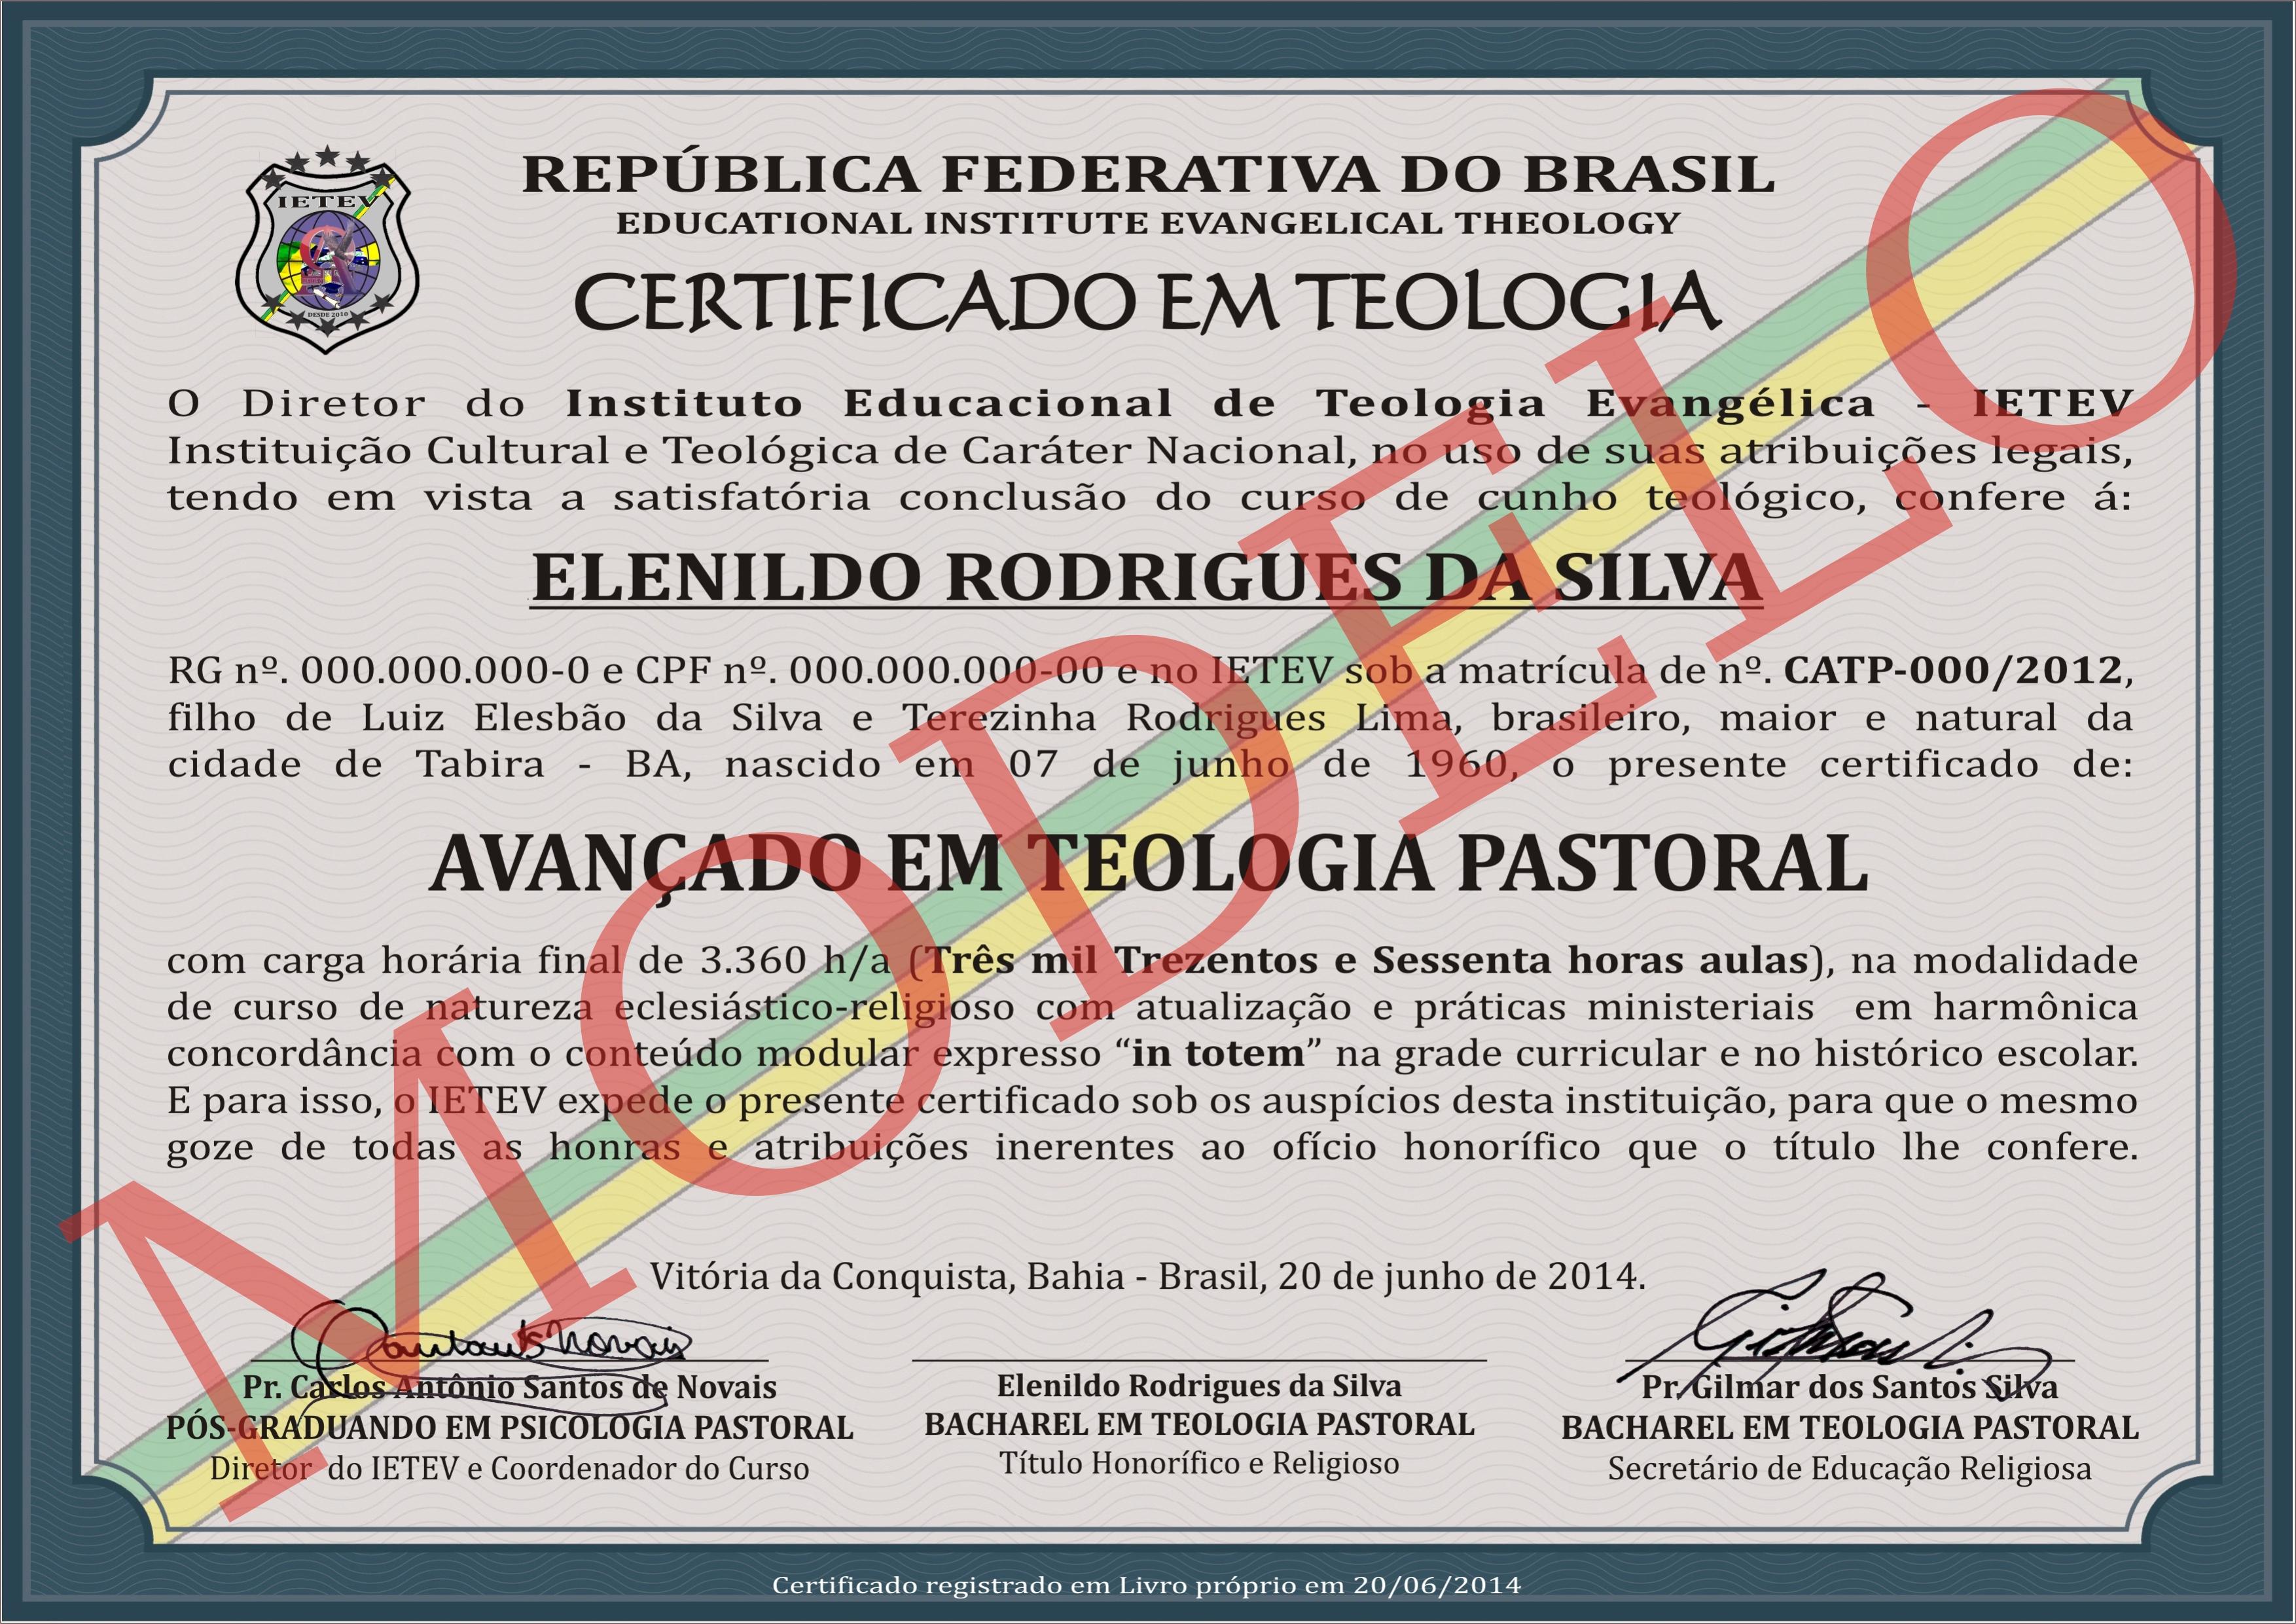 CURSO AVANÇADO EM TEOLOGIA PASTORAL